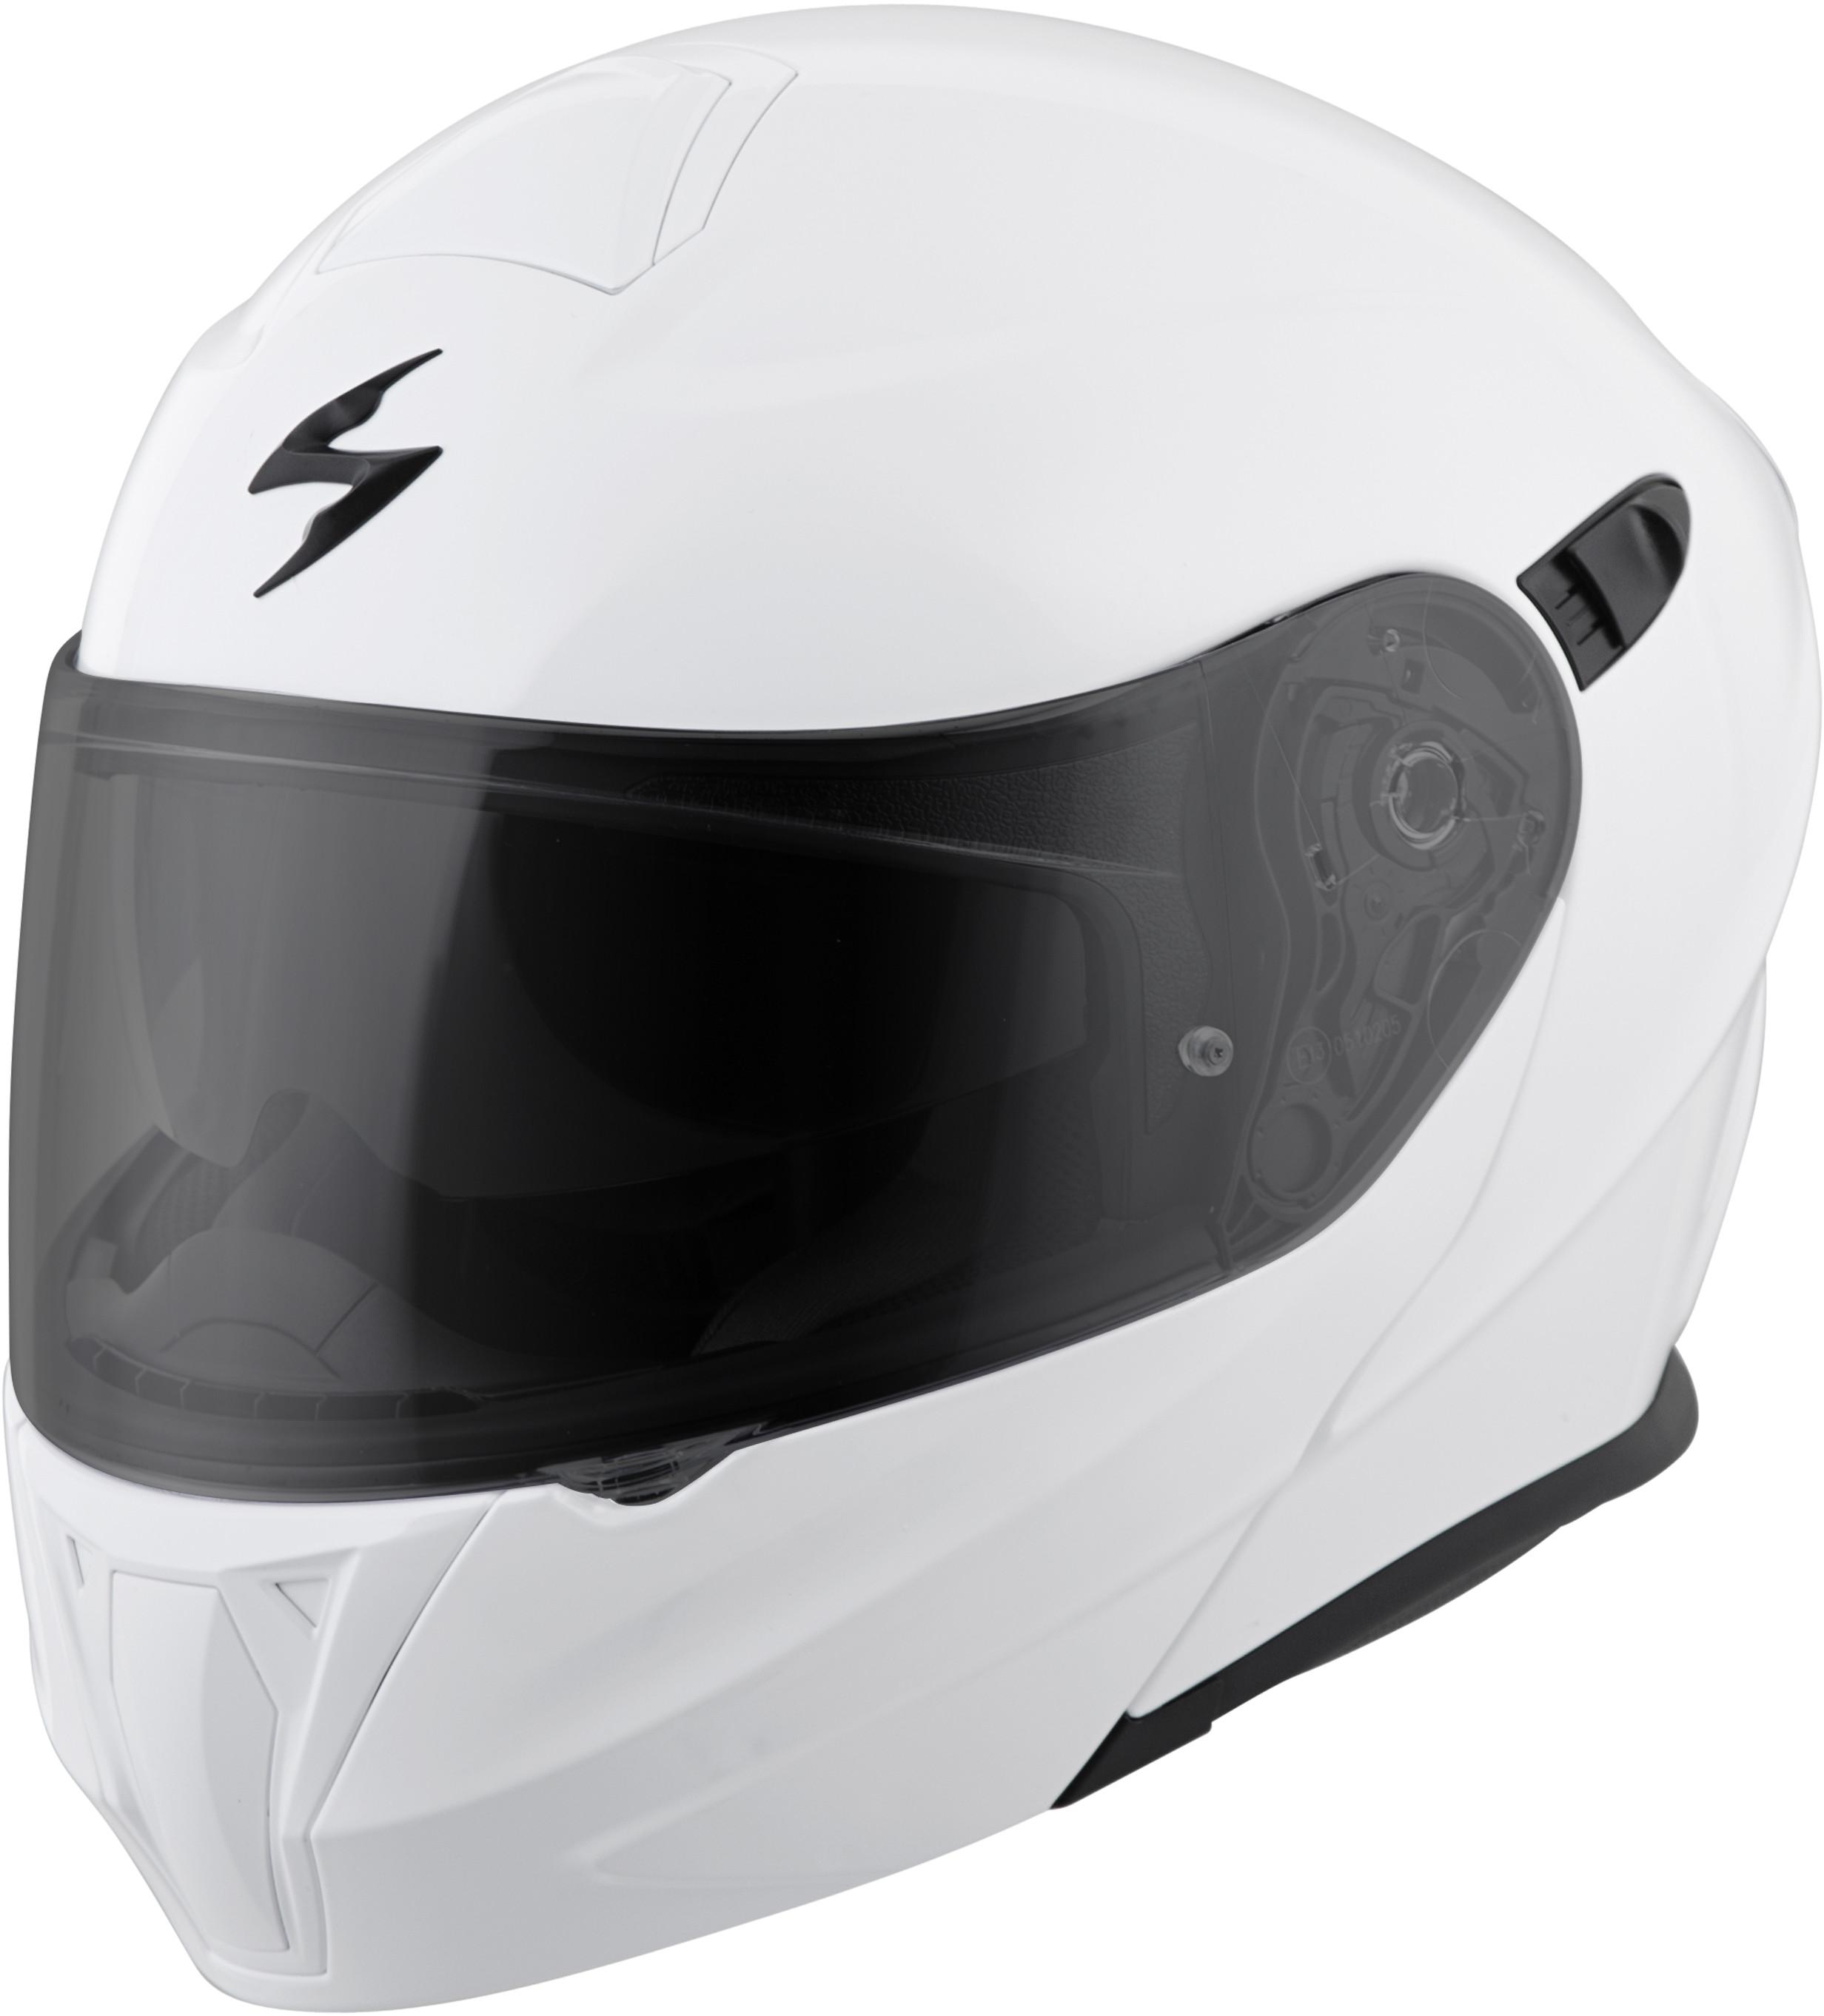 EXO-GT920 Solid Helmet